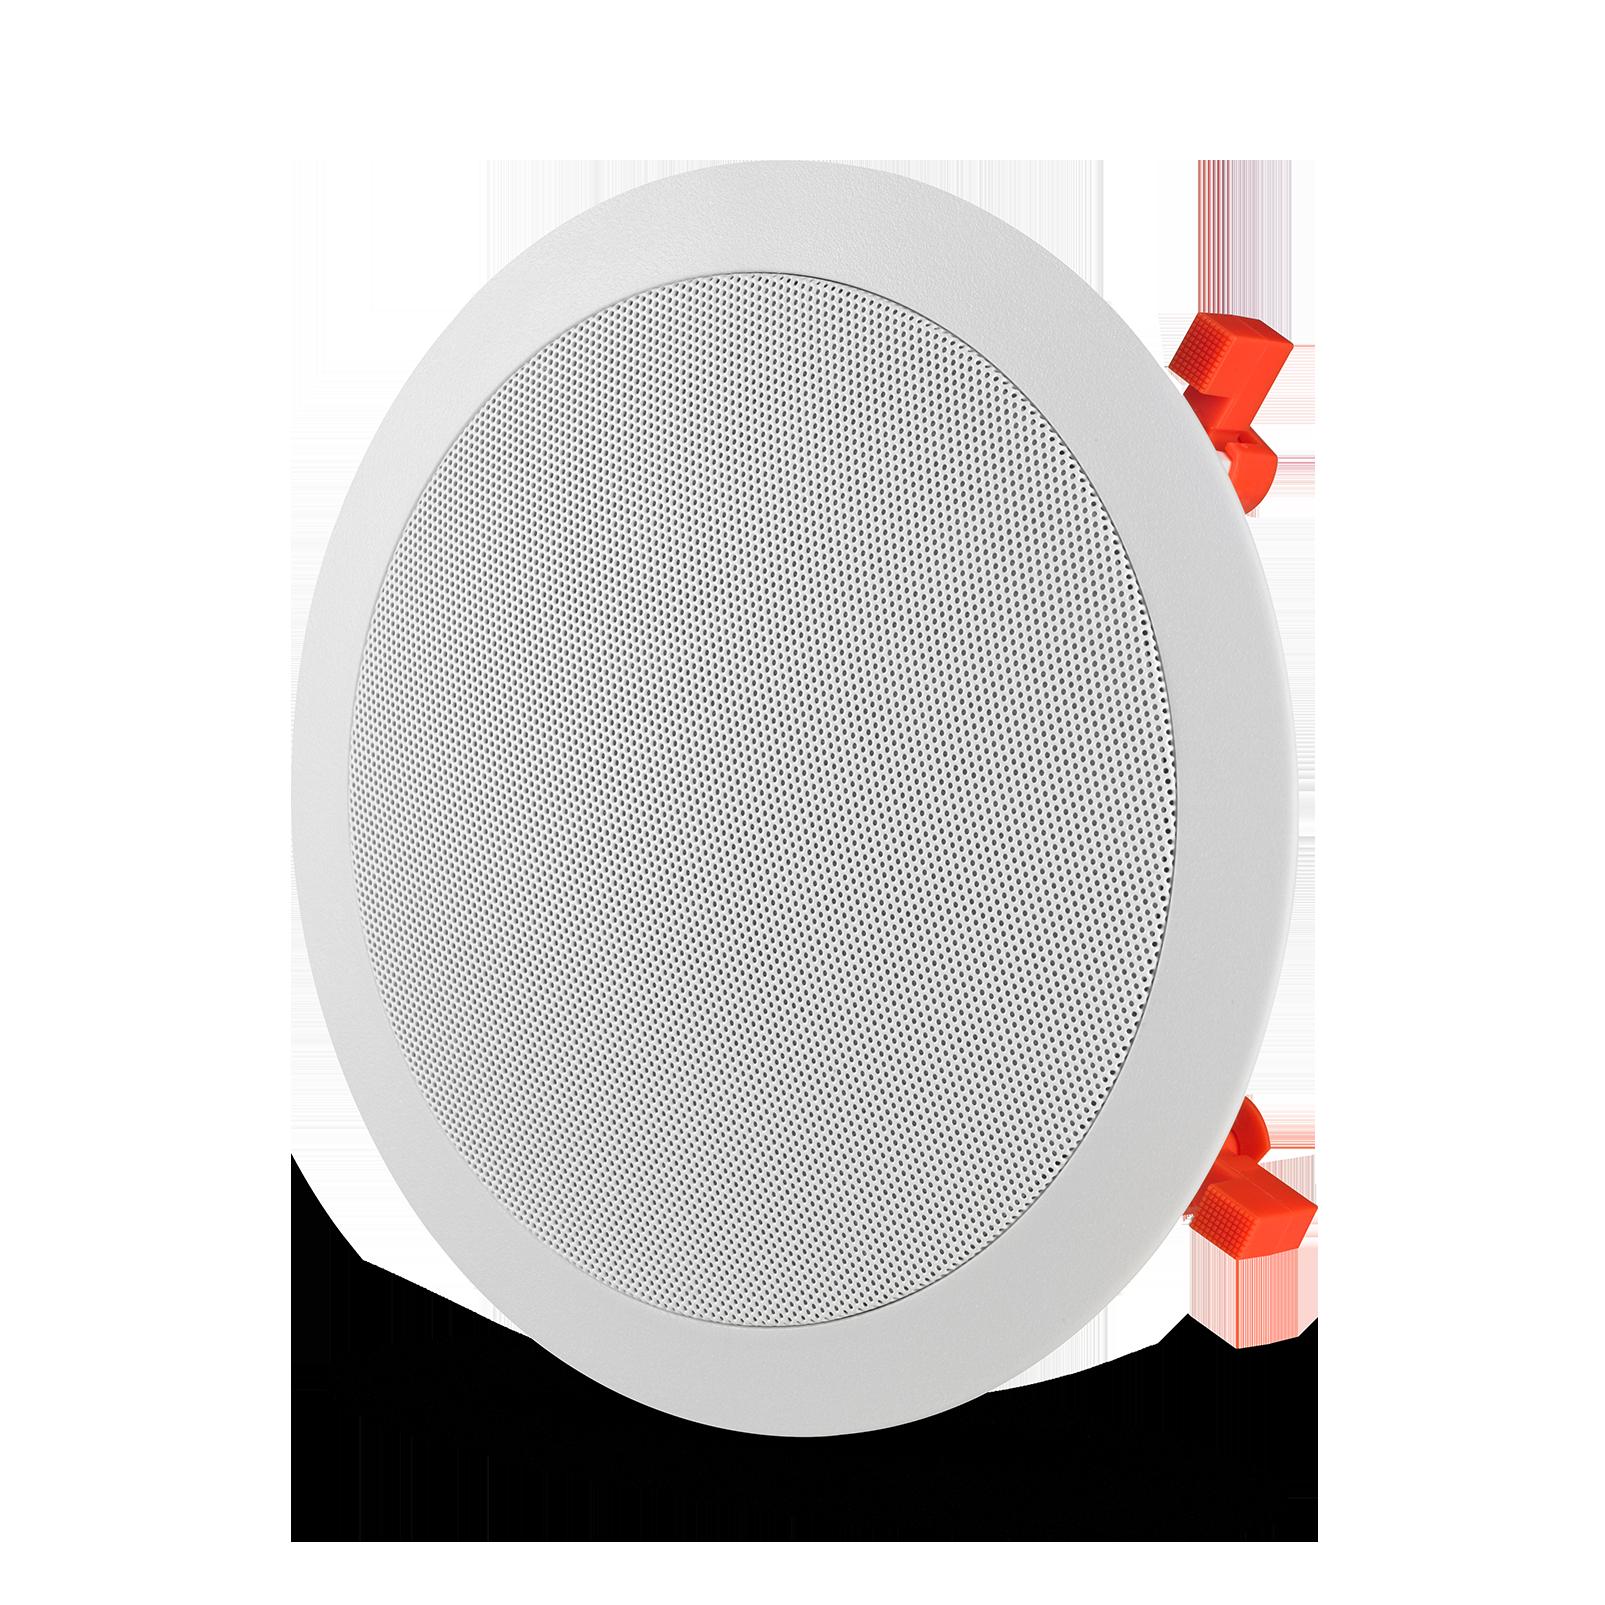 audionet speakers ceiling jbl series in mm commercial